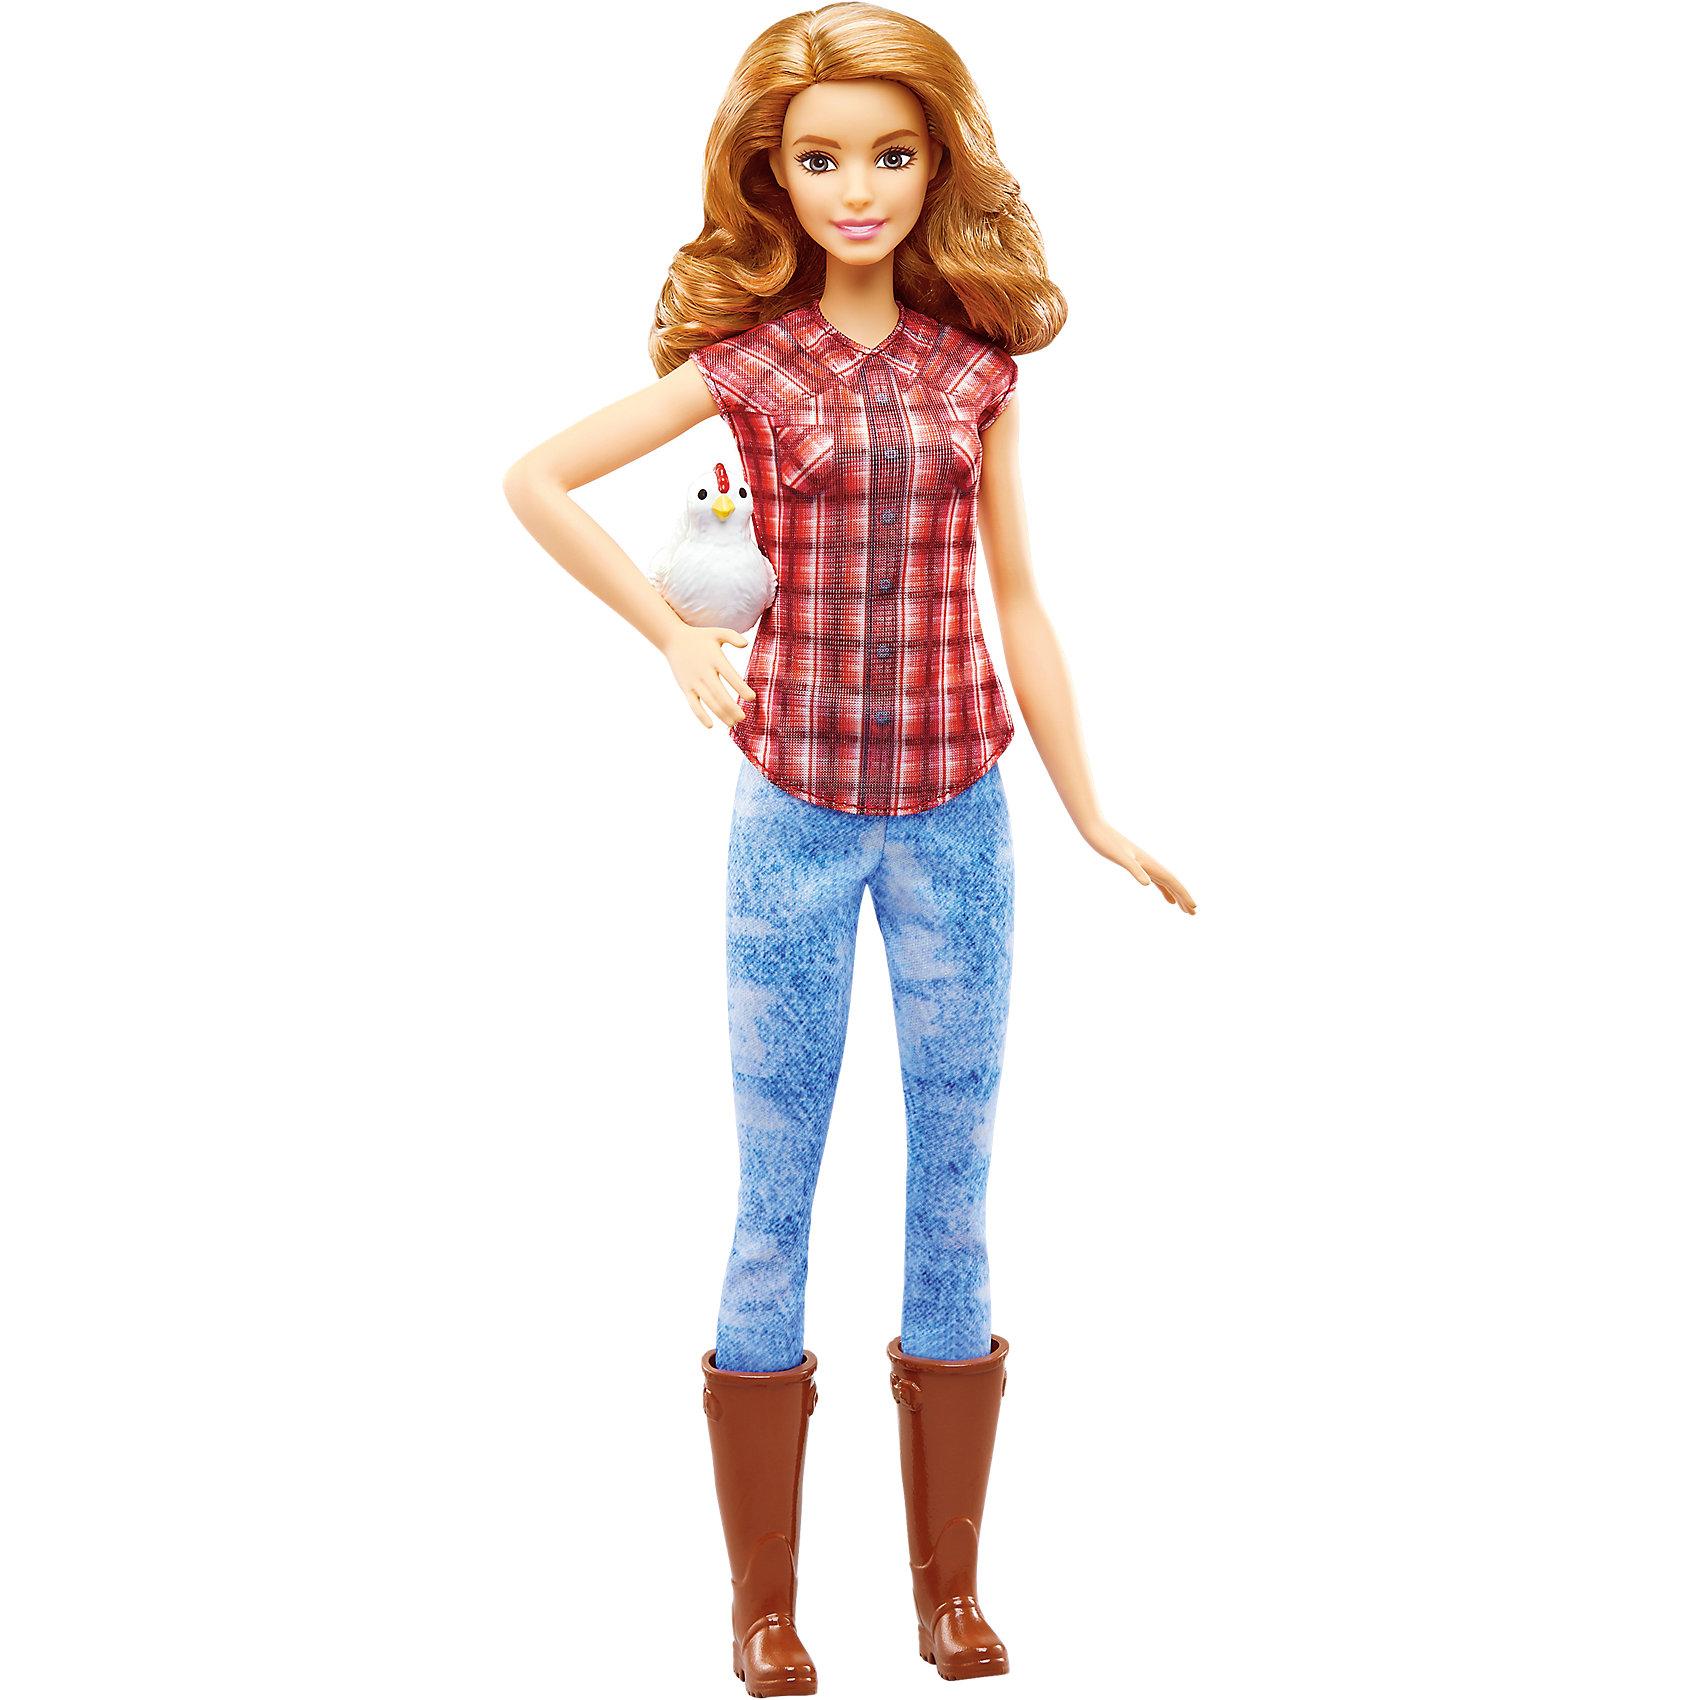 Кукла из серии «Кем быть?», Фермер, BarbieКуклы-модели<br>Характеристики товара:<br><br>• возраст от 3 лет;<br>• материал: пластик, текстиль;<br>• высота куклы 29 см;<br>• размер упаковки 32,5х11,5х5,5 см;<br>• вес упаковки 300 гр.;<br>• страна производитель: Китай.<br><br>Кукла Фермер «Кем быть?» Barbie относится к серии кукол, которые представляют разнообразные профессии. Кукла занимается хозяйством на ферме, она одета в клетчатый топ, джинсы и высокие сапоги. С ней девочка может не только придумывать сценки и истории для игры, но и подумать, кем бы она хотела быть стать, когда вырастет.<br><br>Куклу Фермер «Кем быть?» Barbie можно приобрести в нашем интернет-магазине.<br><br>Ширина мм: 331<br>Глубина мм: 119<br>Высота мм: 40<br>Вес г: 200<br>Возраст от месяцев: 36<br>Возраст до месяцев: 72<br>Пол: Женский<br>Возраст: Детский<br>SKU: 5089090